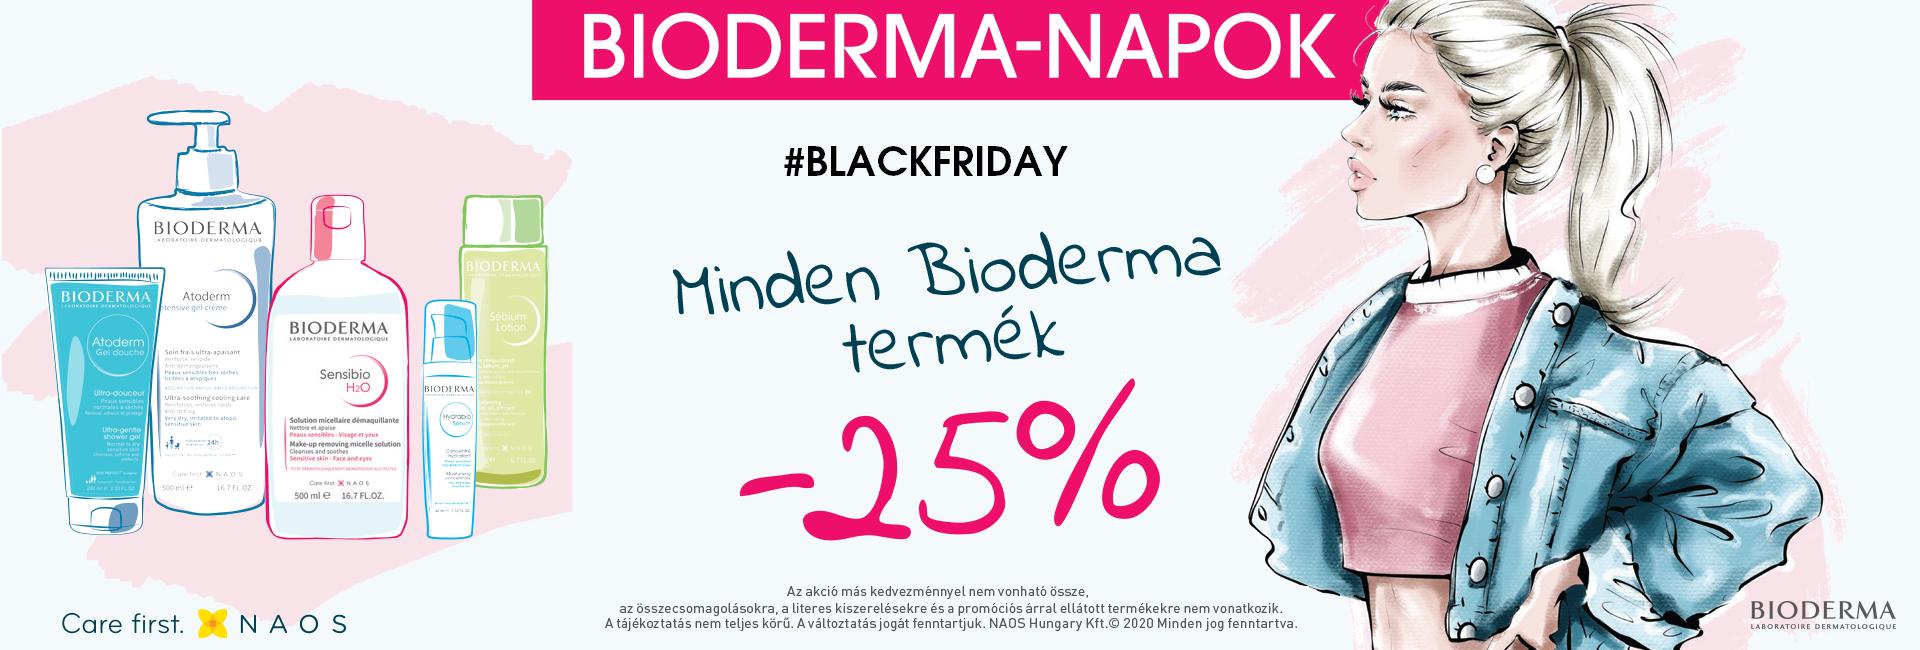 2020.november 23-30. között 25% kedvezményt adunk minden Bioderma termék árából!